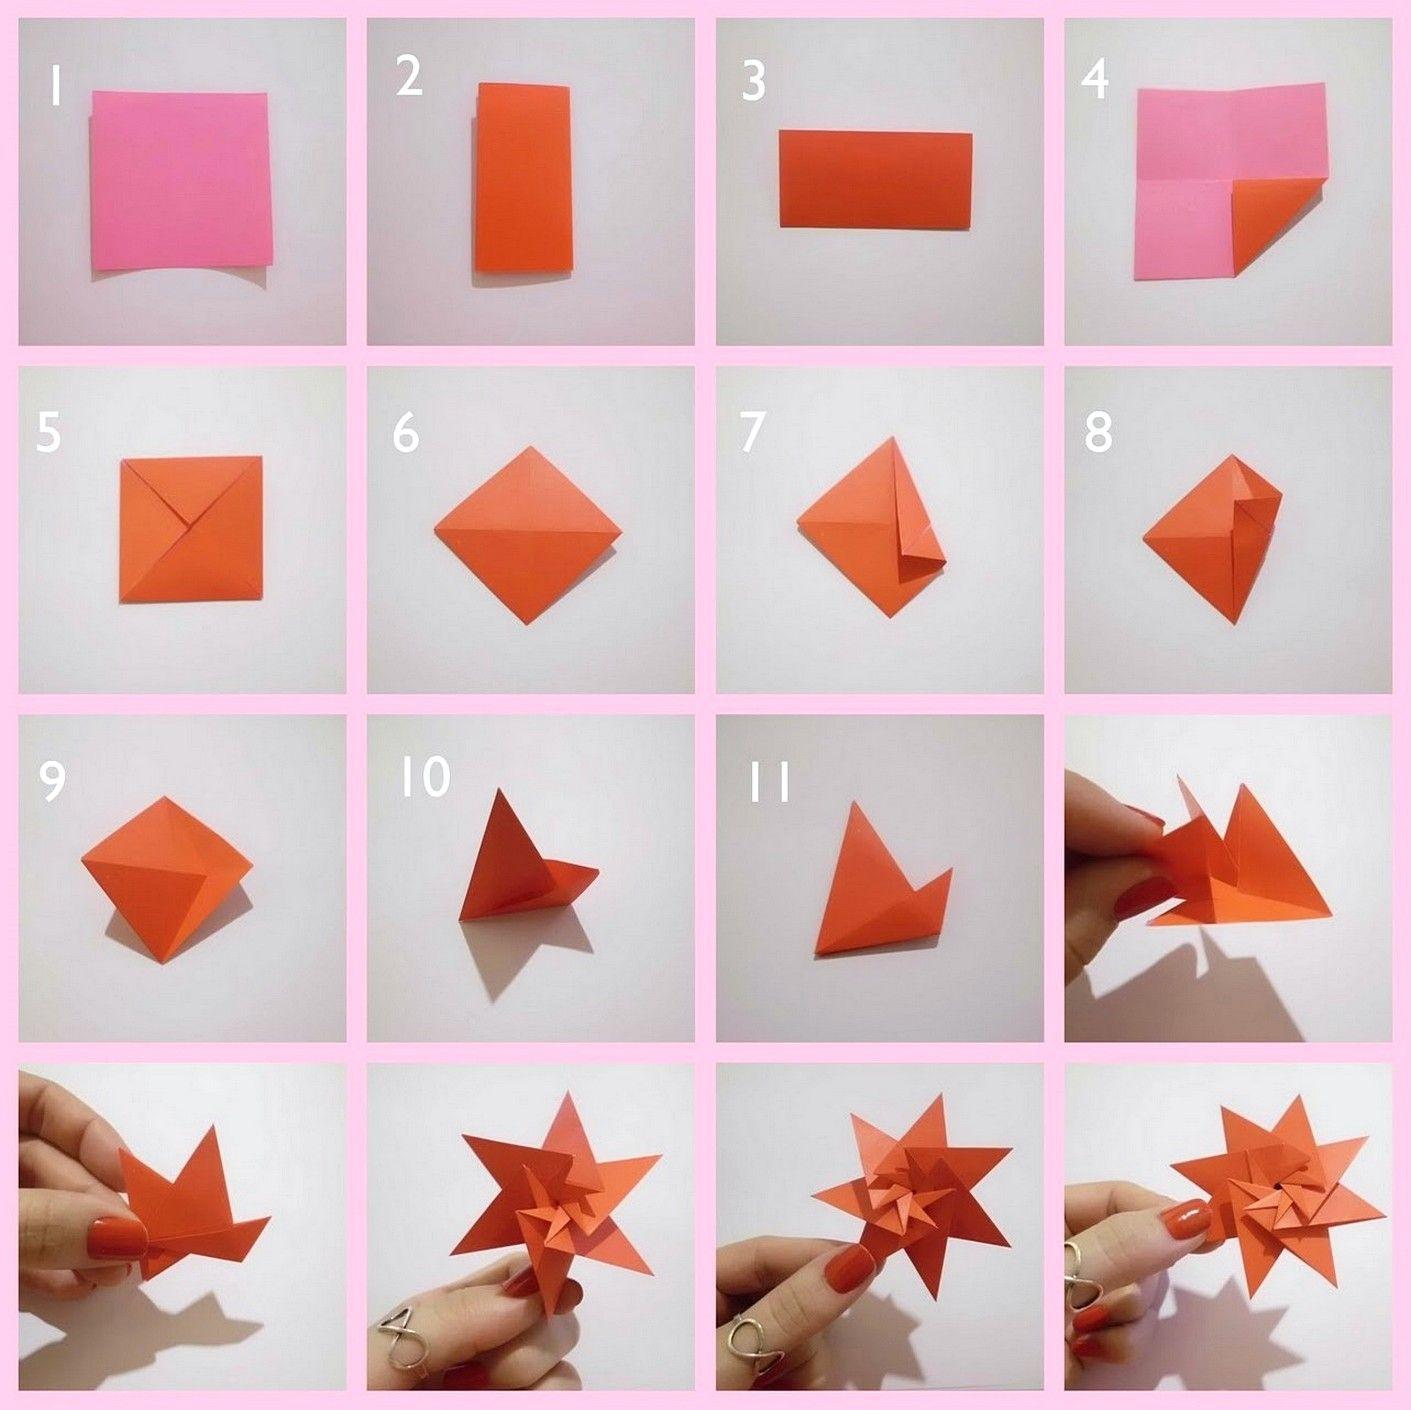 Cara Membuat Hiasan Dinding Dari Kertas | Desainrumahid.com